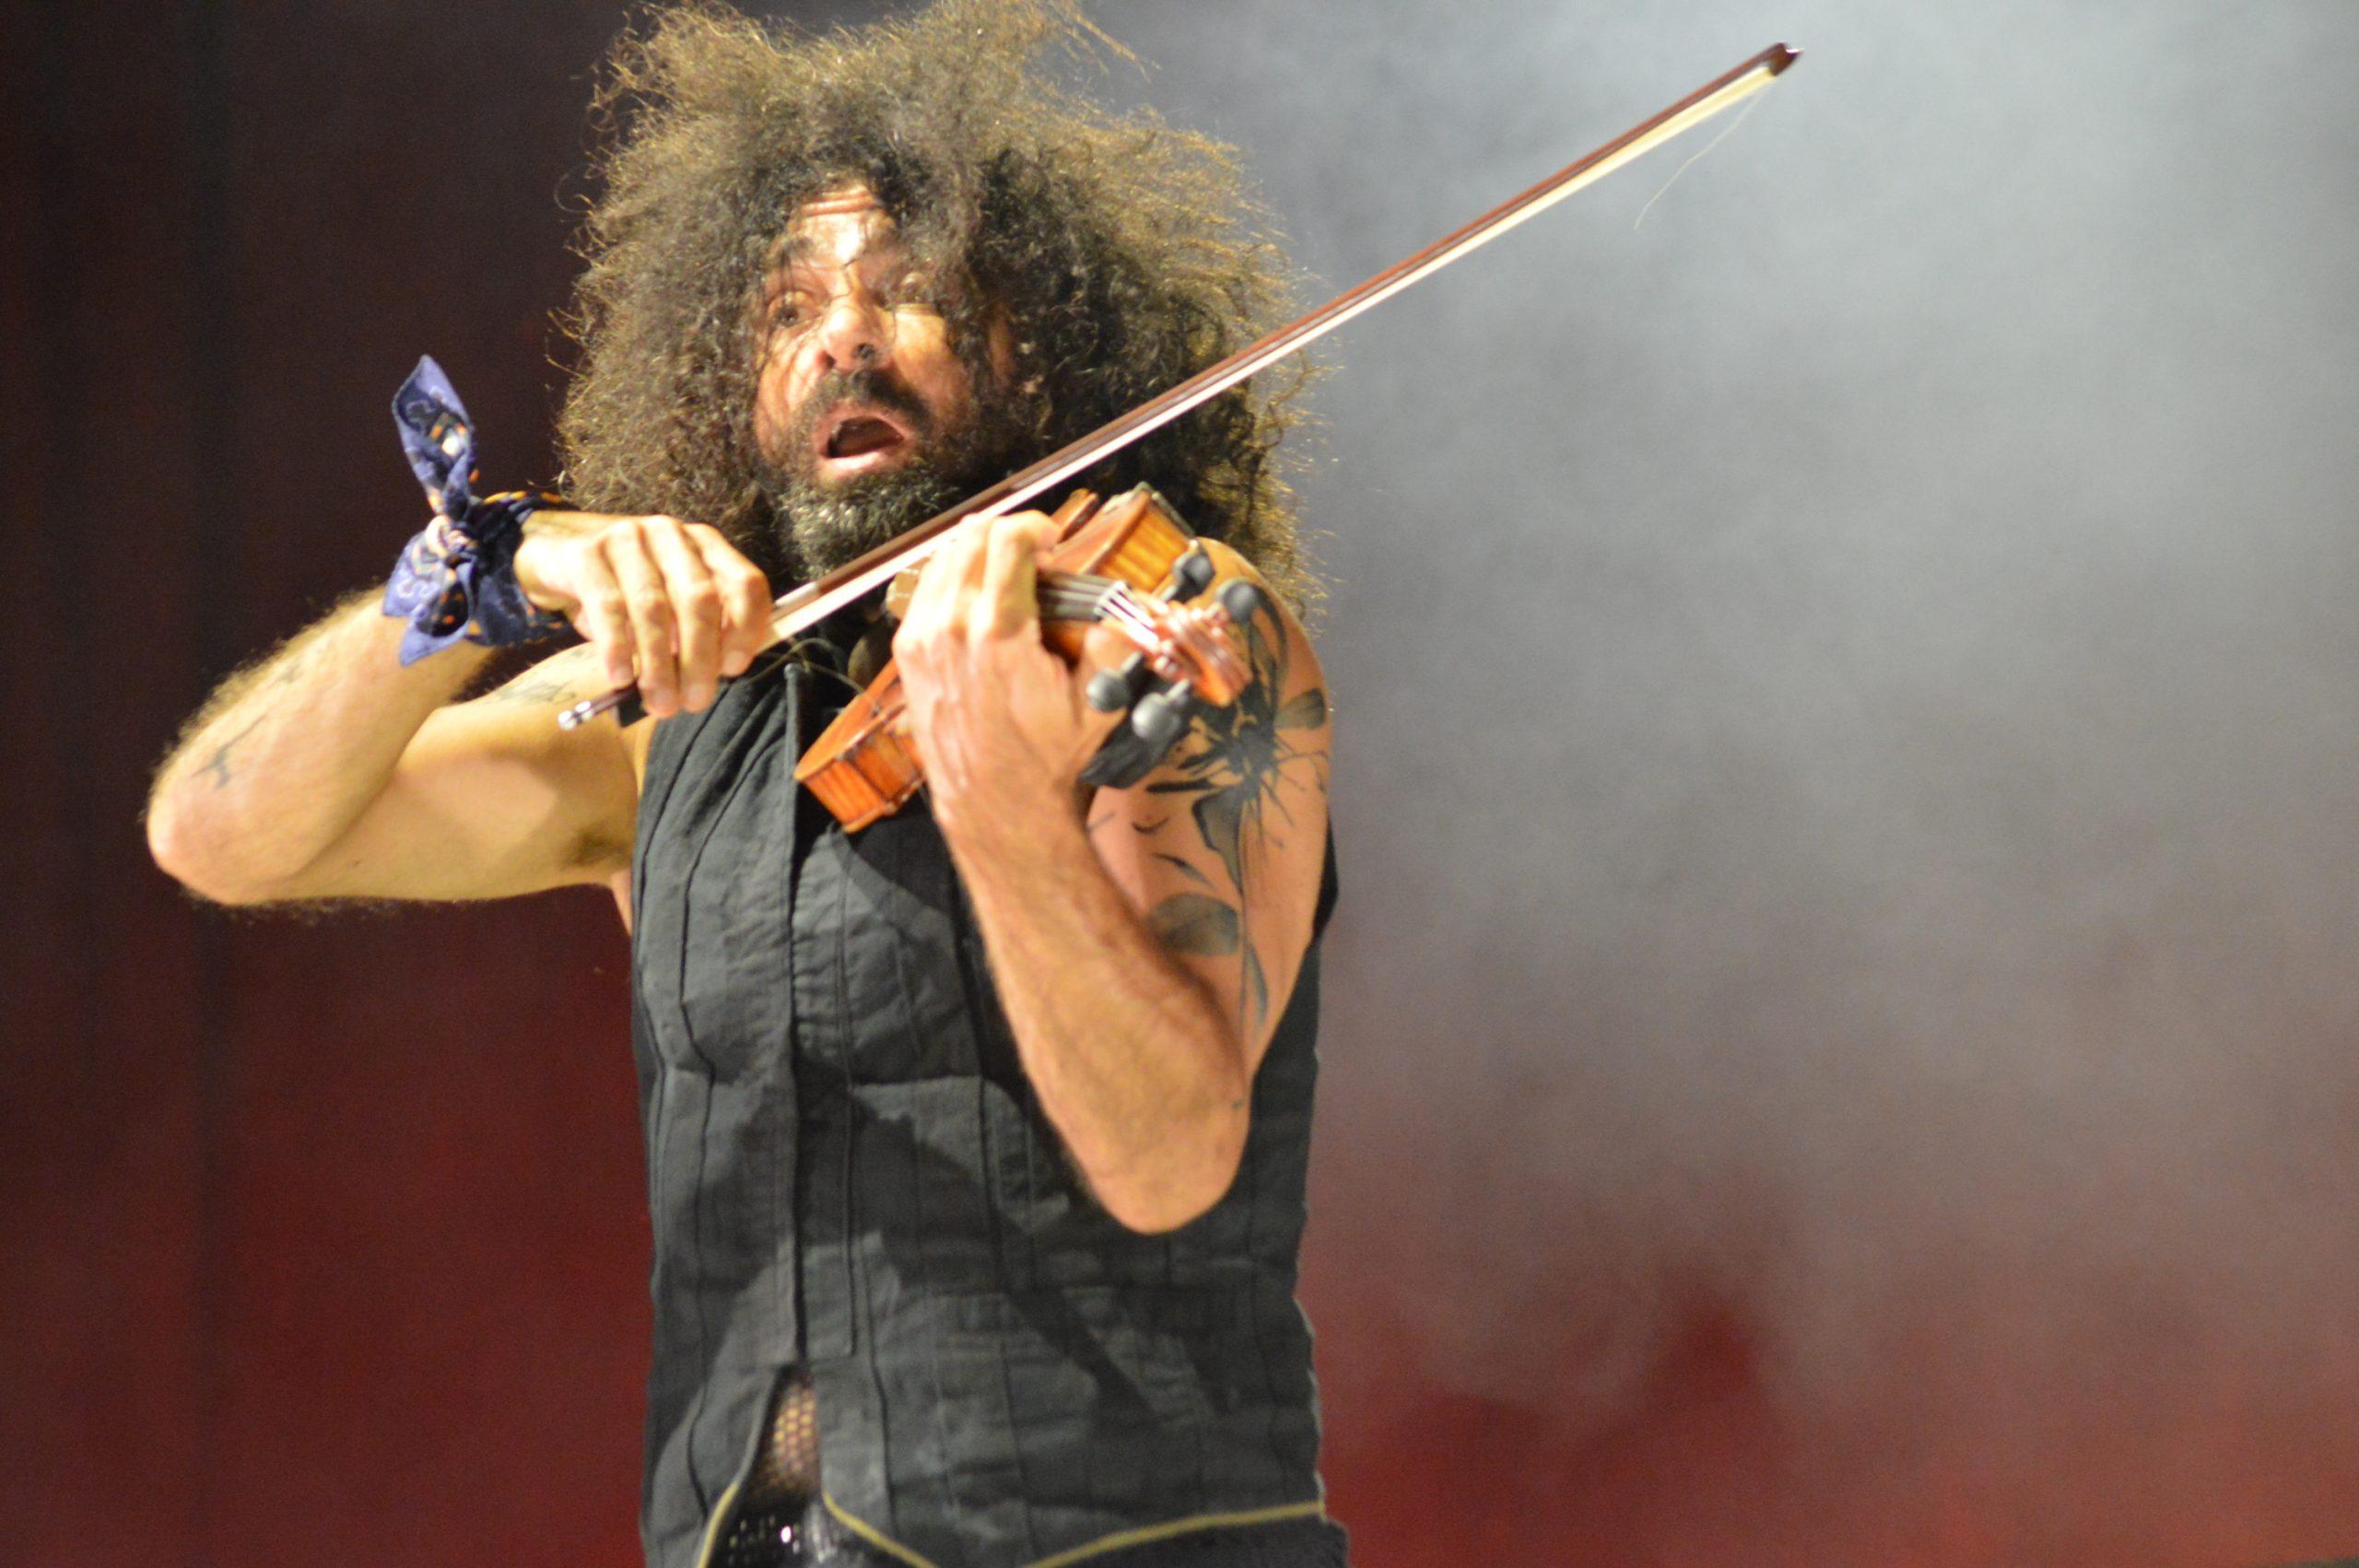 Ara Malikian emociona en su regreso a Ponferrada demostrando una vez más su virtuosismo con el violín 9